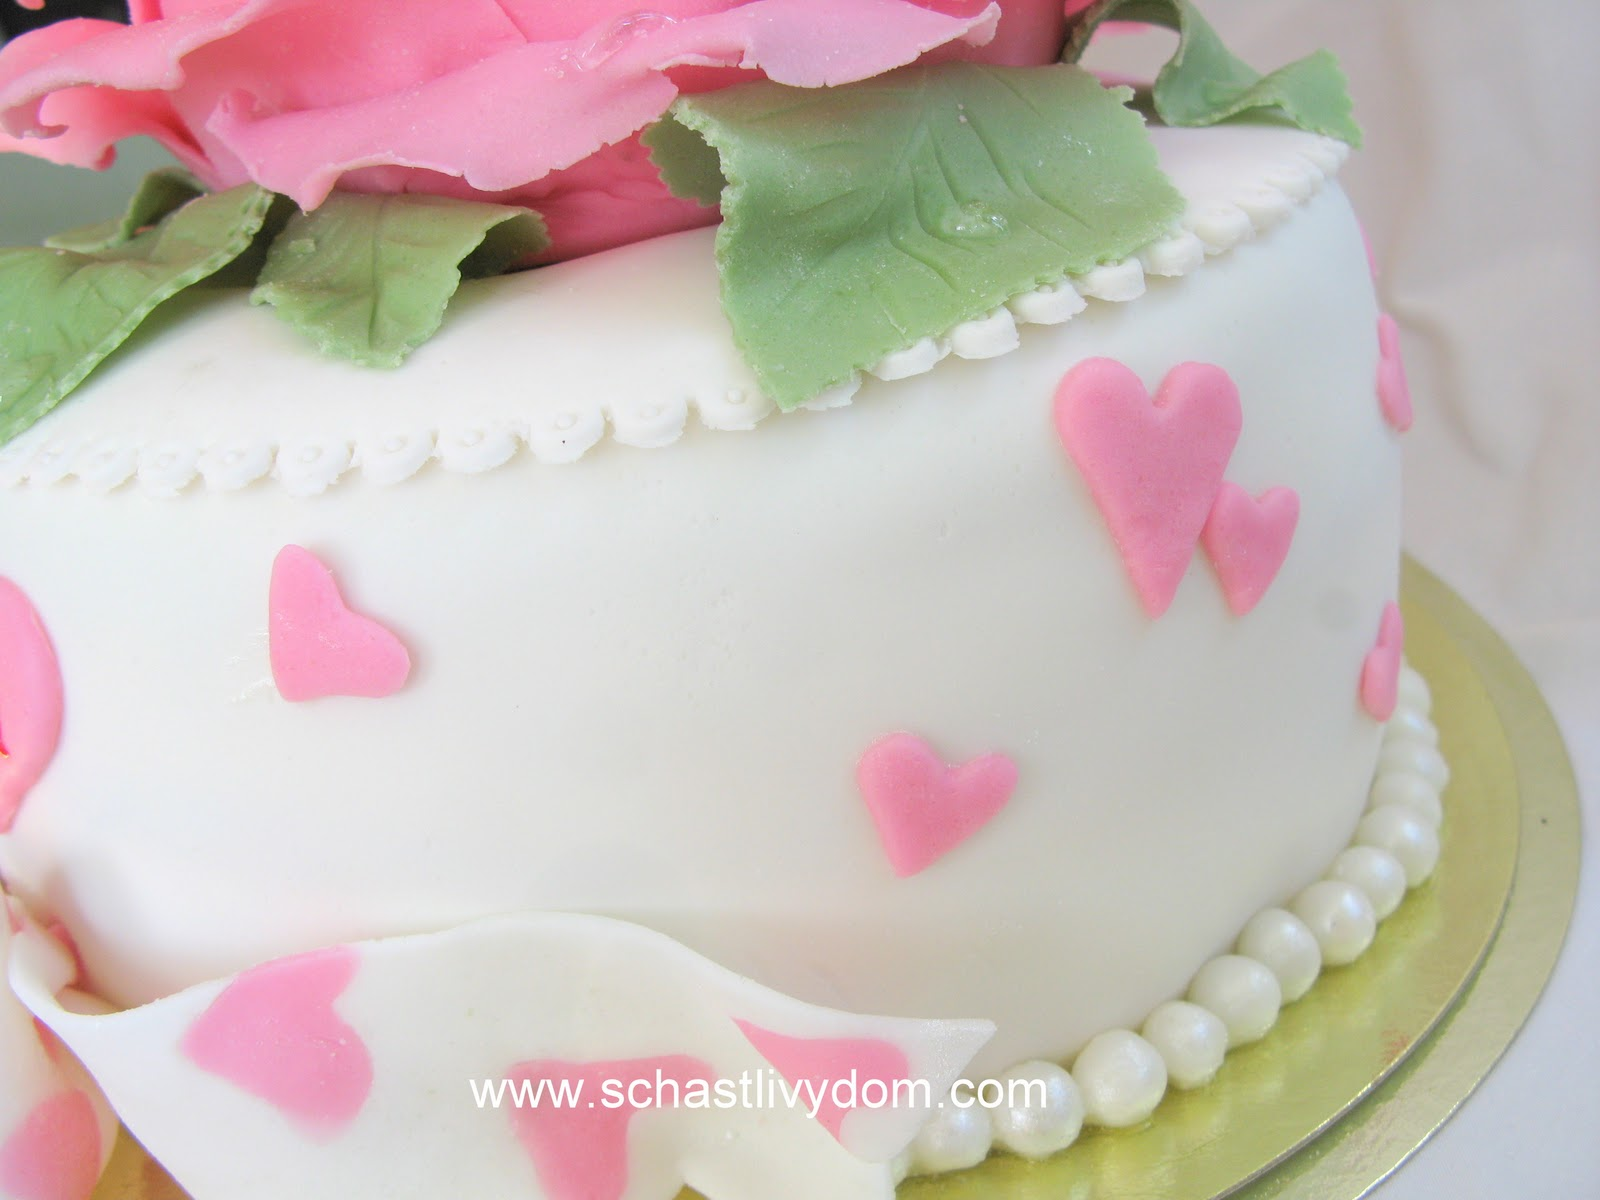 Торт из мастики своими руками - рецепты приготовления в